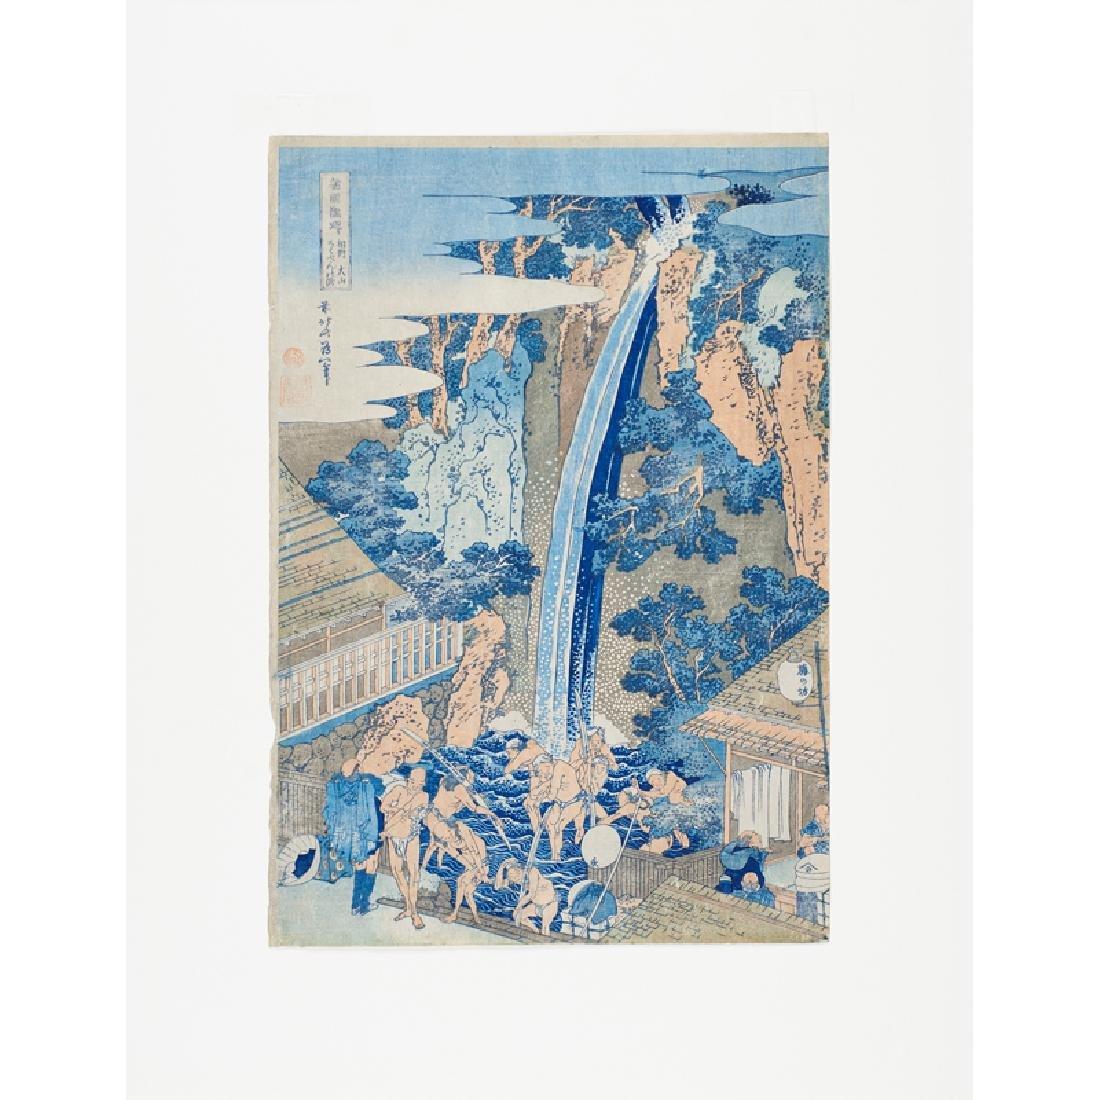 KATSUSHIKA HOKUSAI (Japanese, 1760-1849)